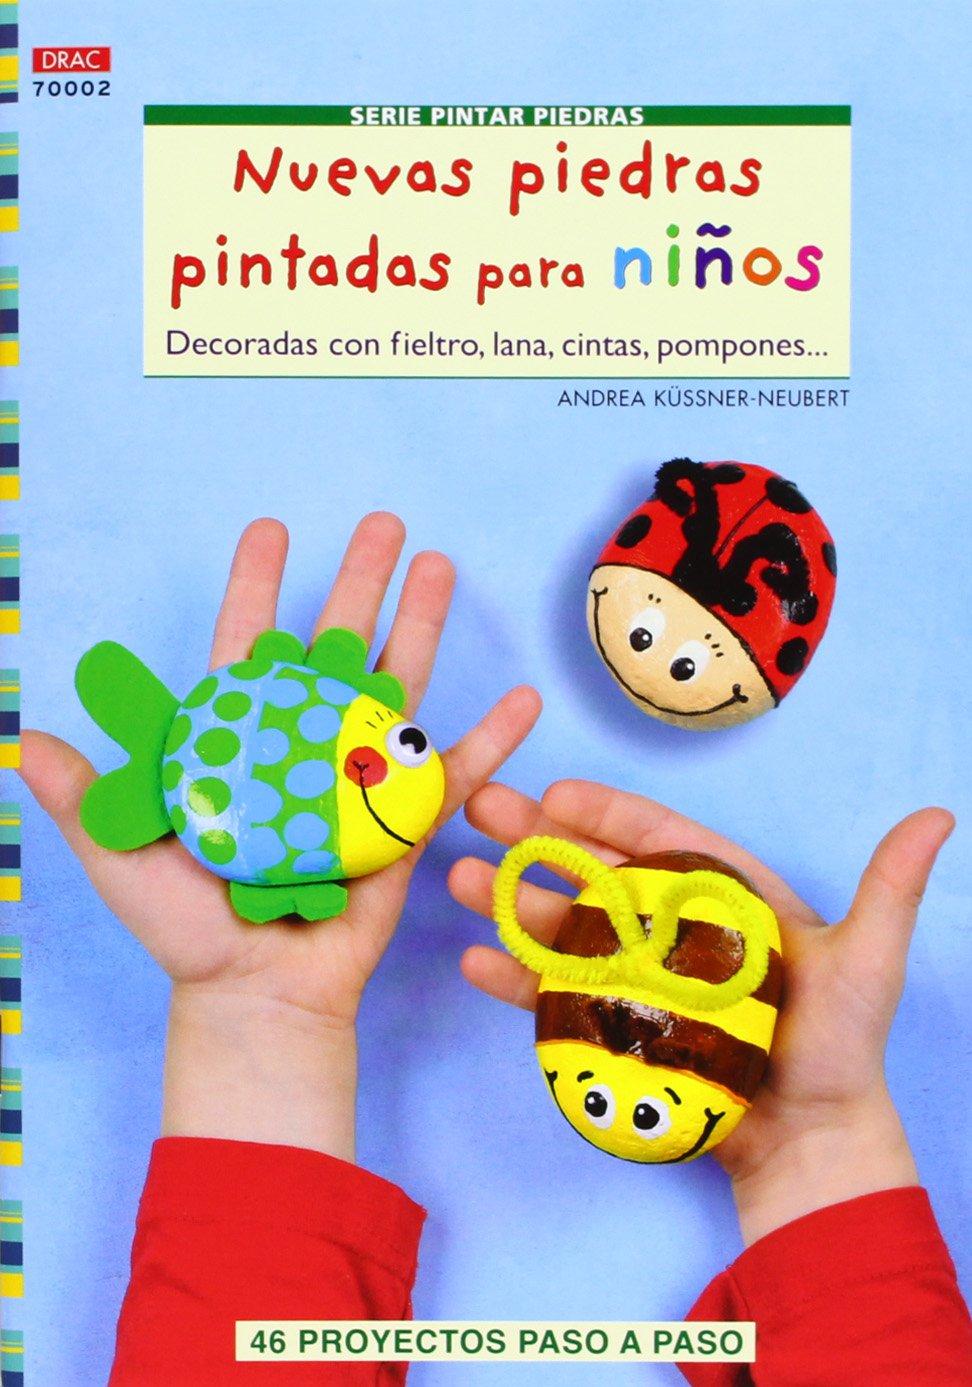 Nuevas piedras pintadas para niños (Spanish) Paperback – April 1, 2013